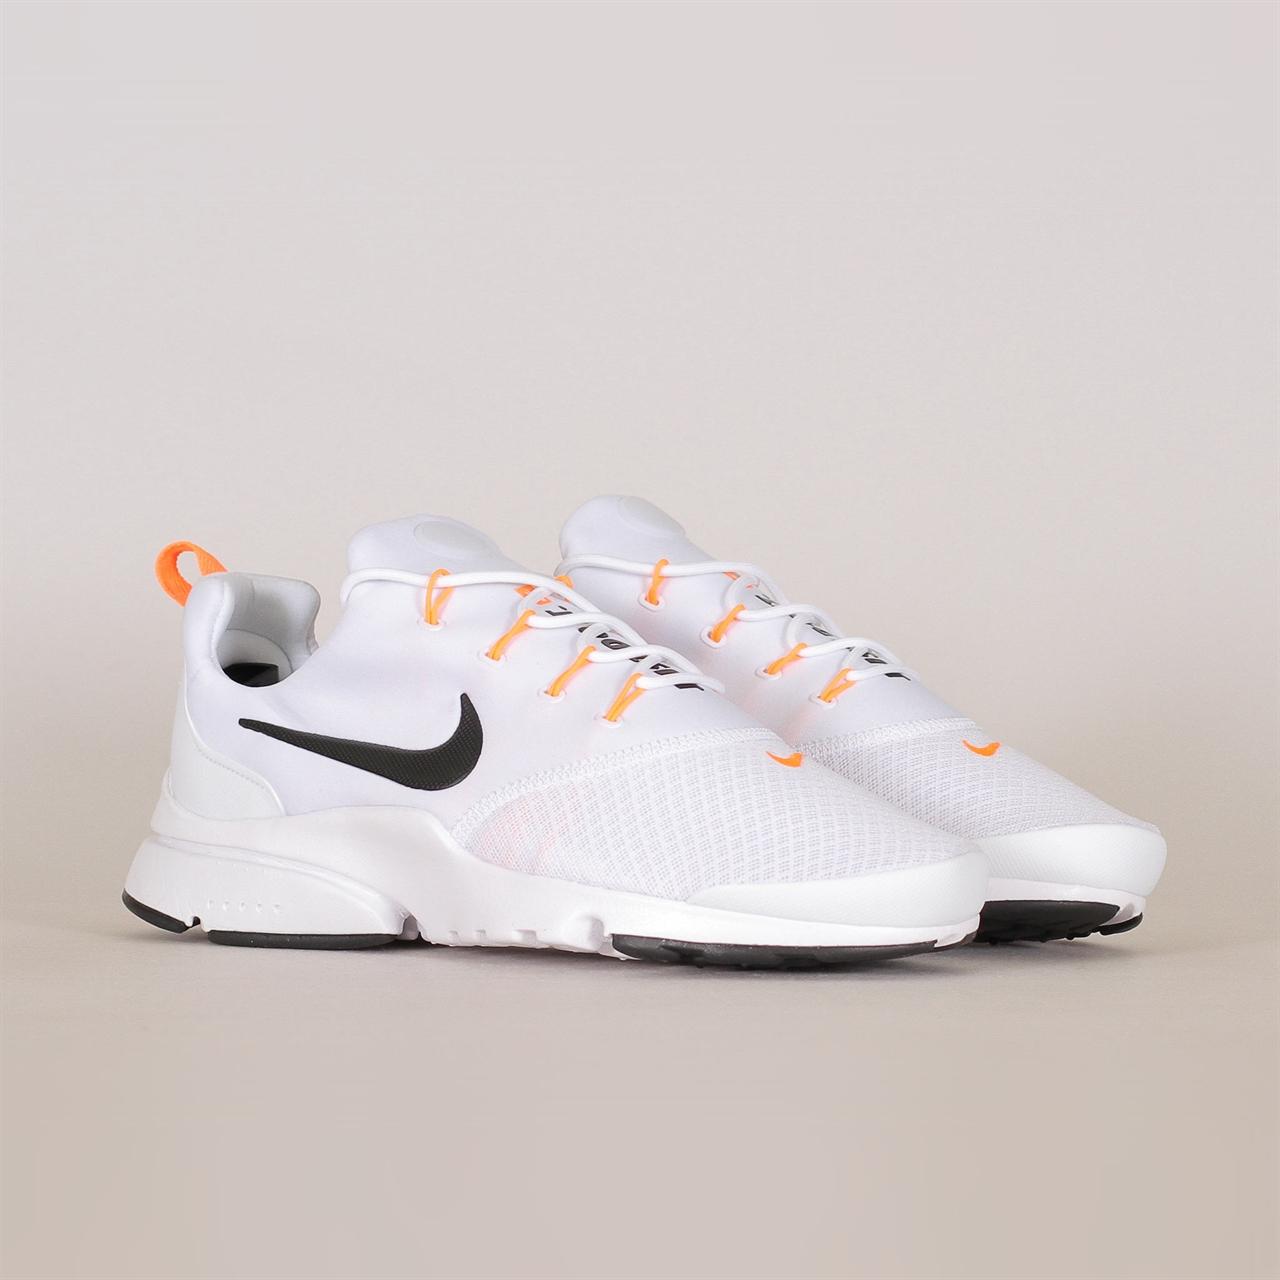 b058b61cdd8 Shelta - Nike Sportswear Presto Fly Just Do It (AQ9688-100)